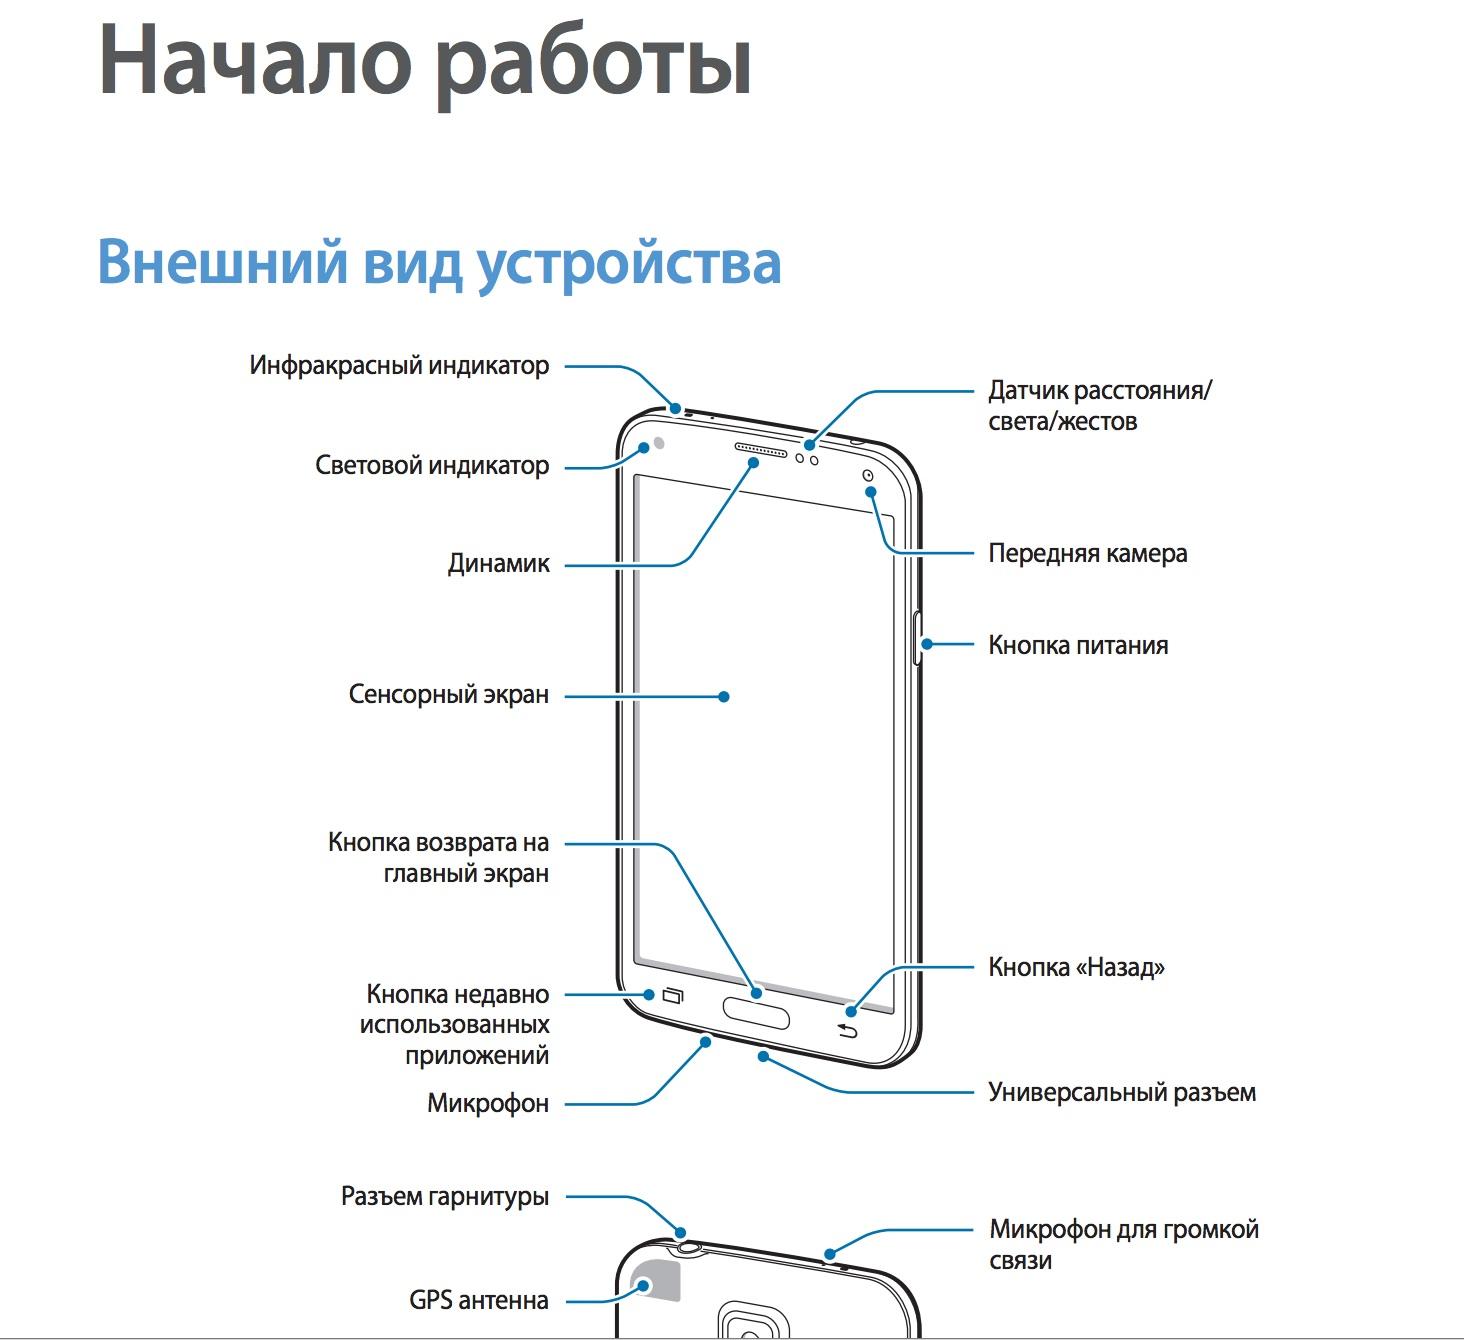 Инструкция для планшета самсунг